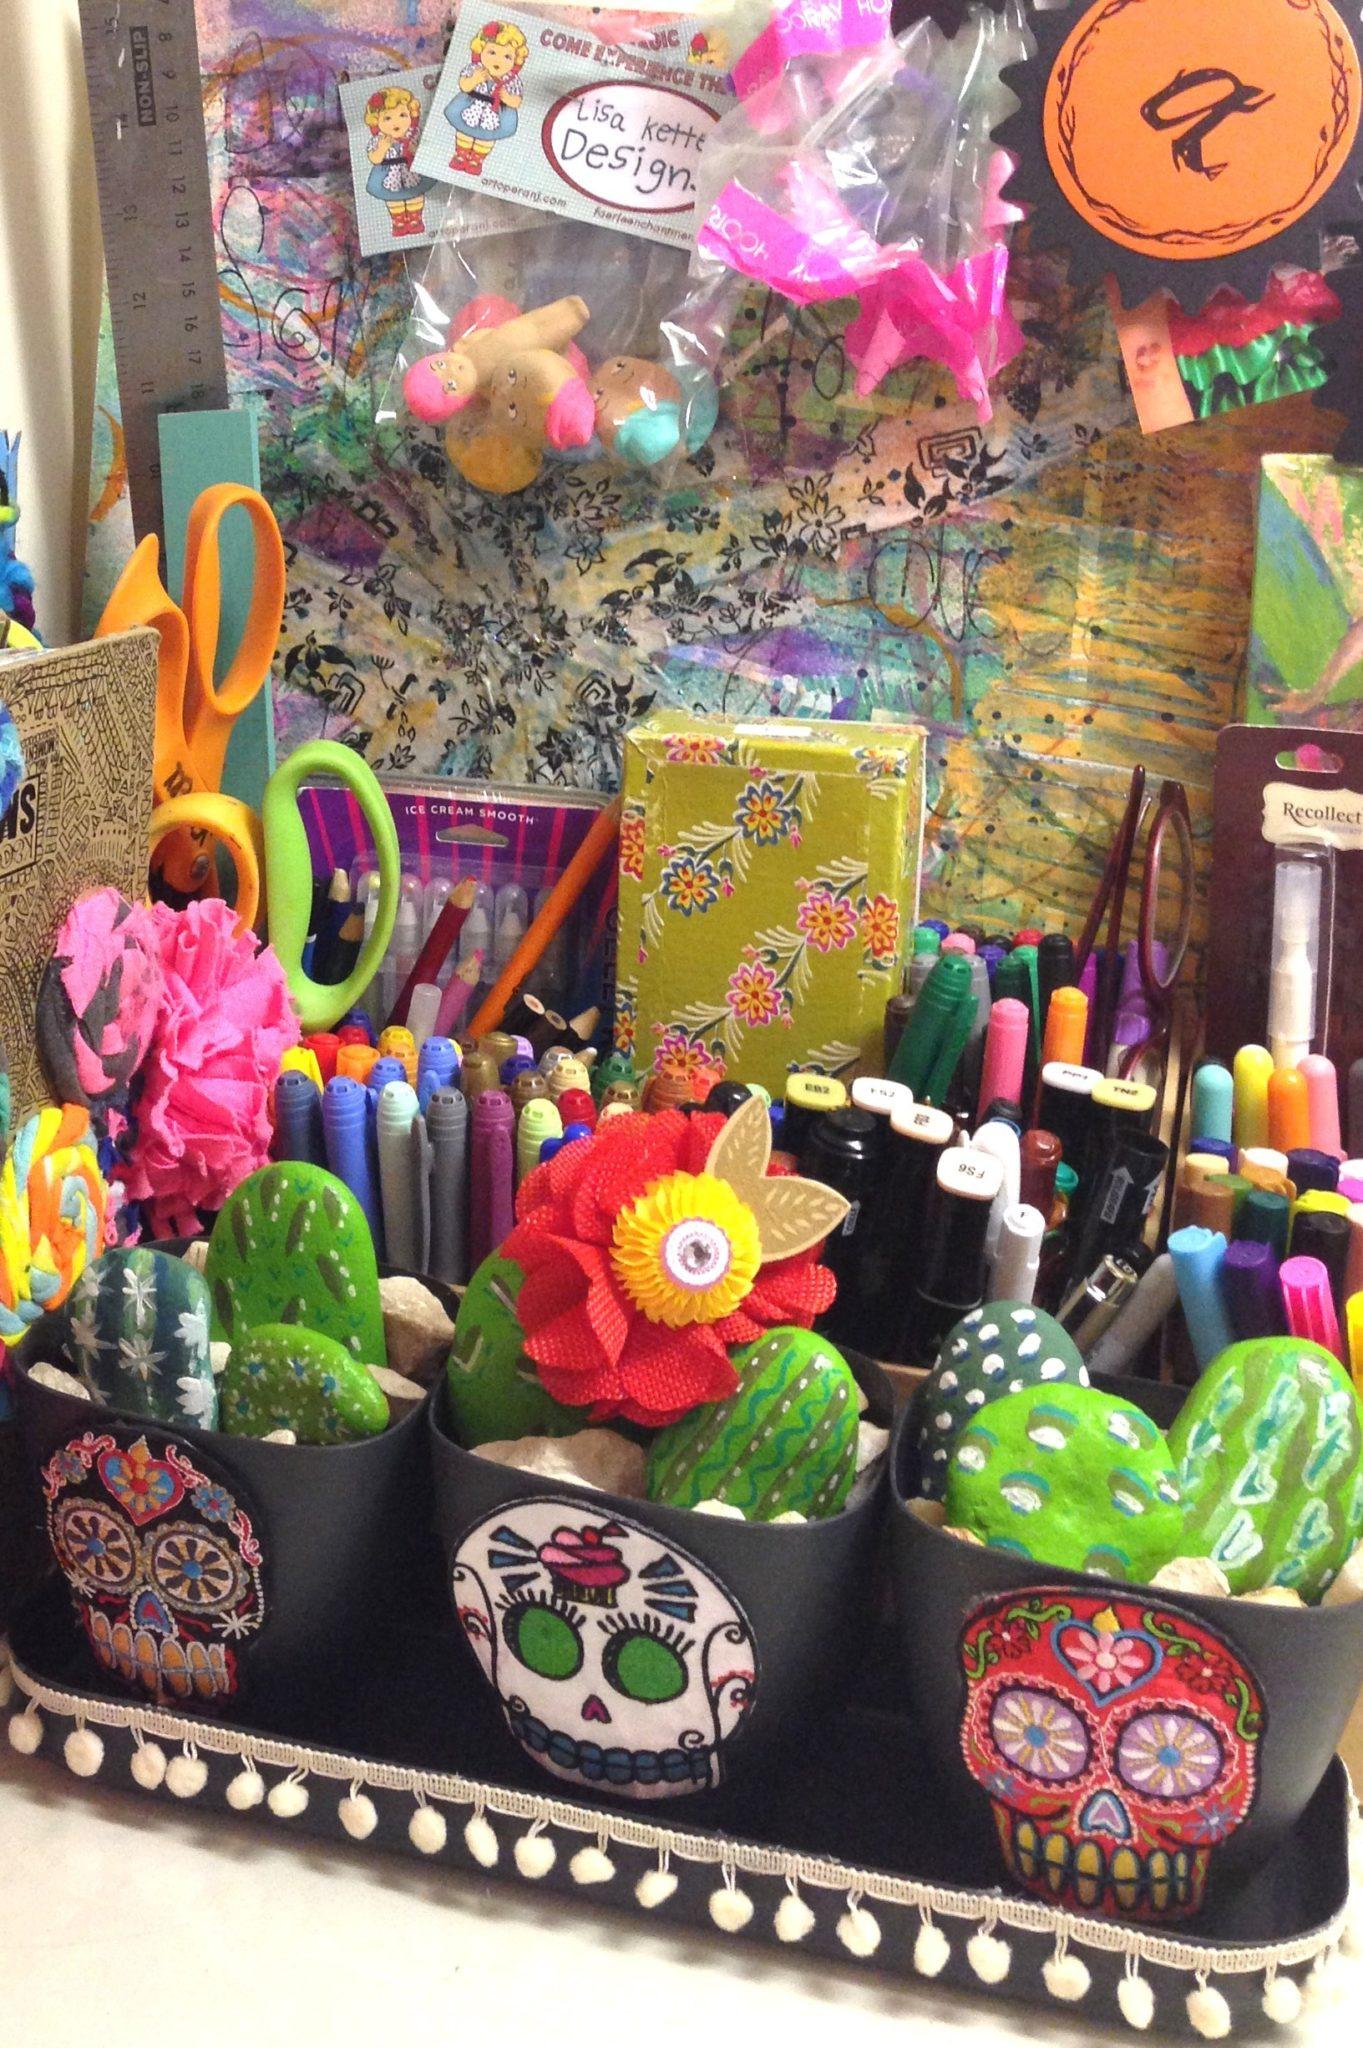 DIY Dia de los Muertos planter with painted rock cactus garden by Jennifer Perkins